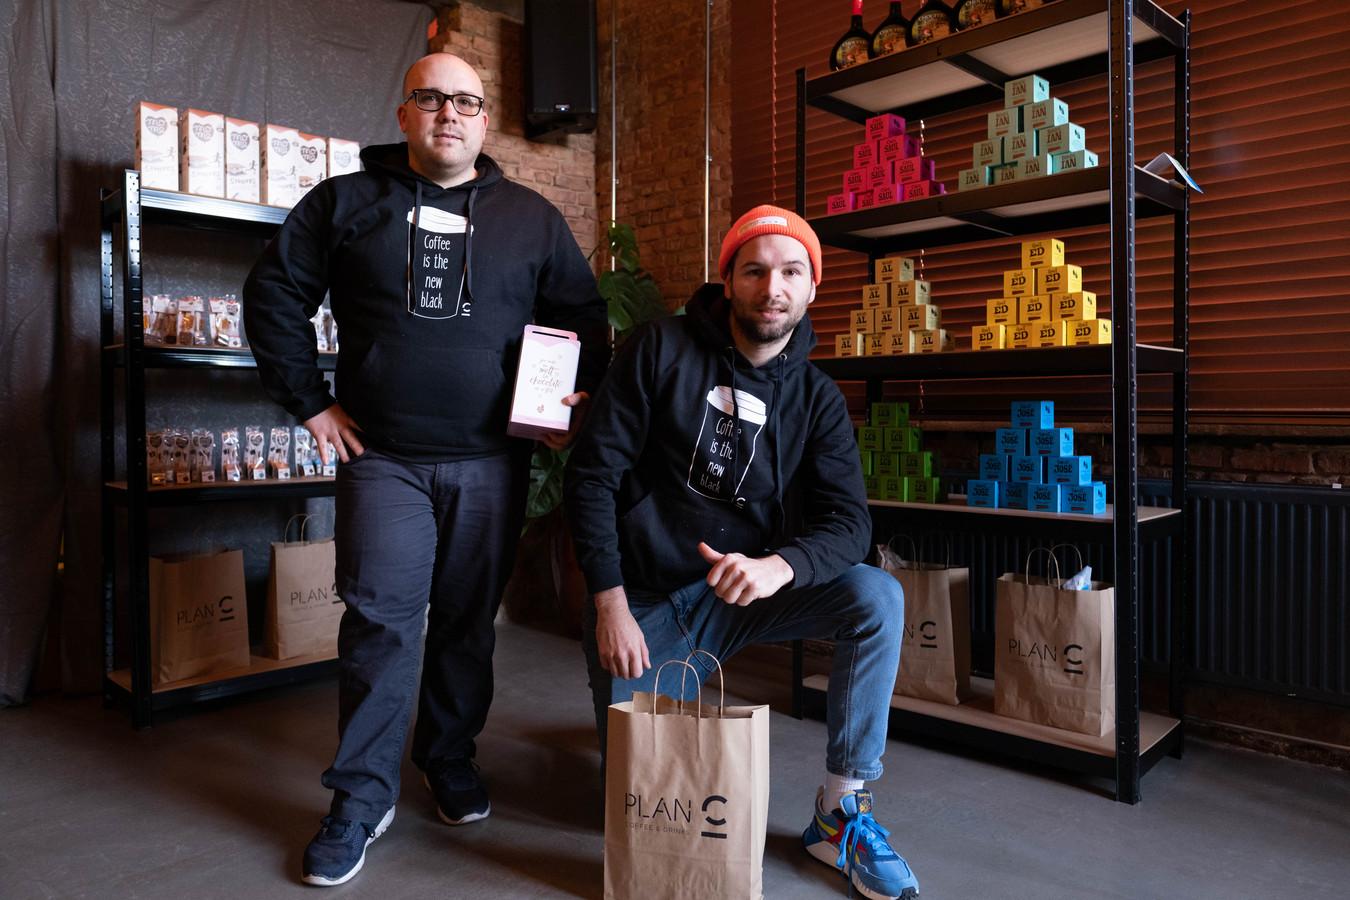 WILLEBROEK Frodo Van de Ven en Sören Roelants turnen Plan C om tot pop-up shop C